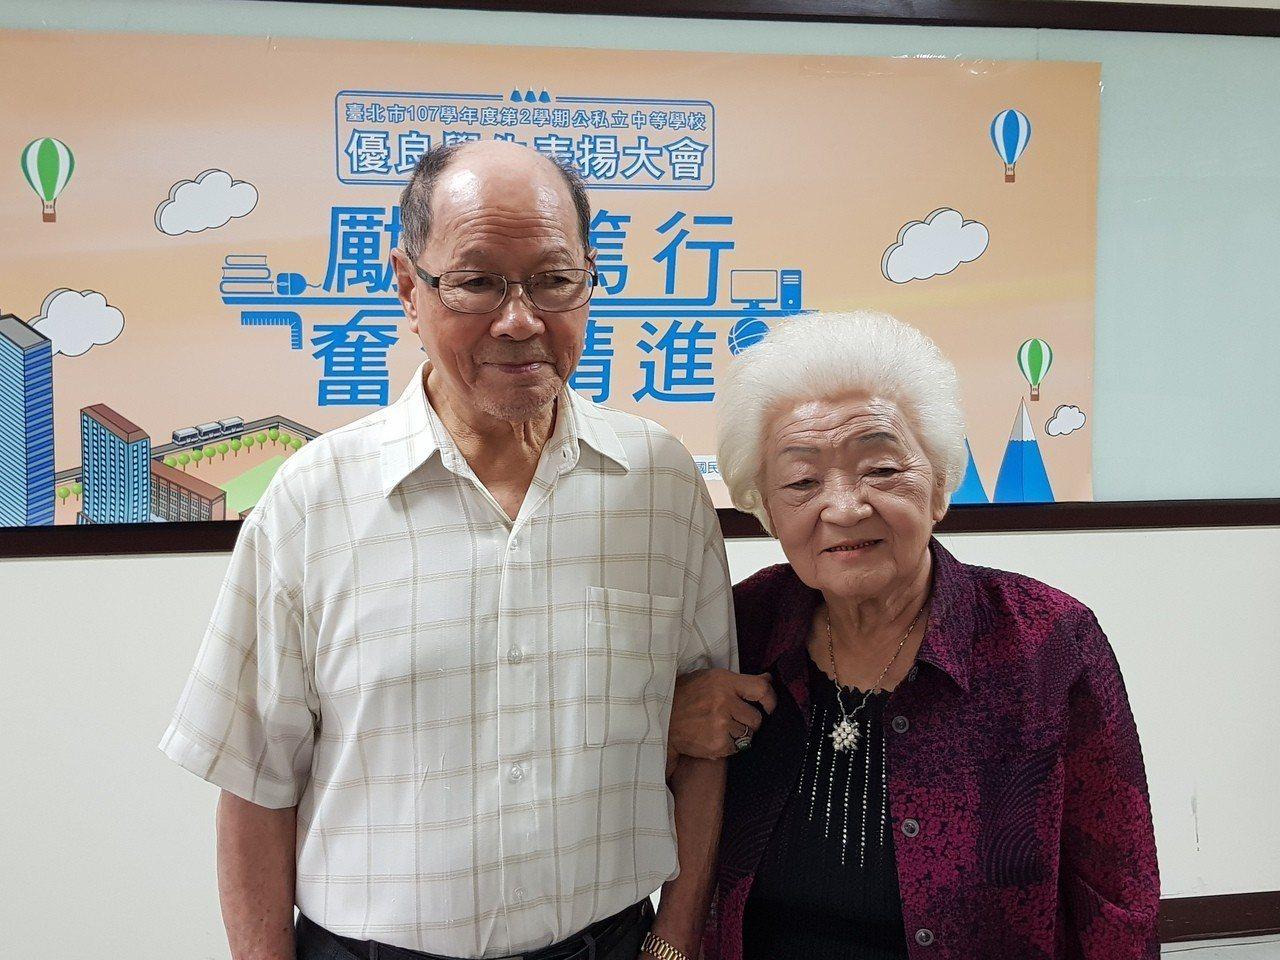 92歲黃衍鐘(左)現為民權國中附設補校二年級學生,他每天通勤到校從不缺席,在妻子...